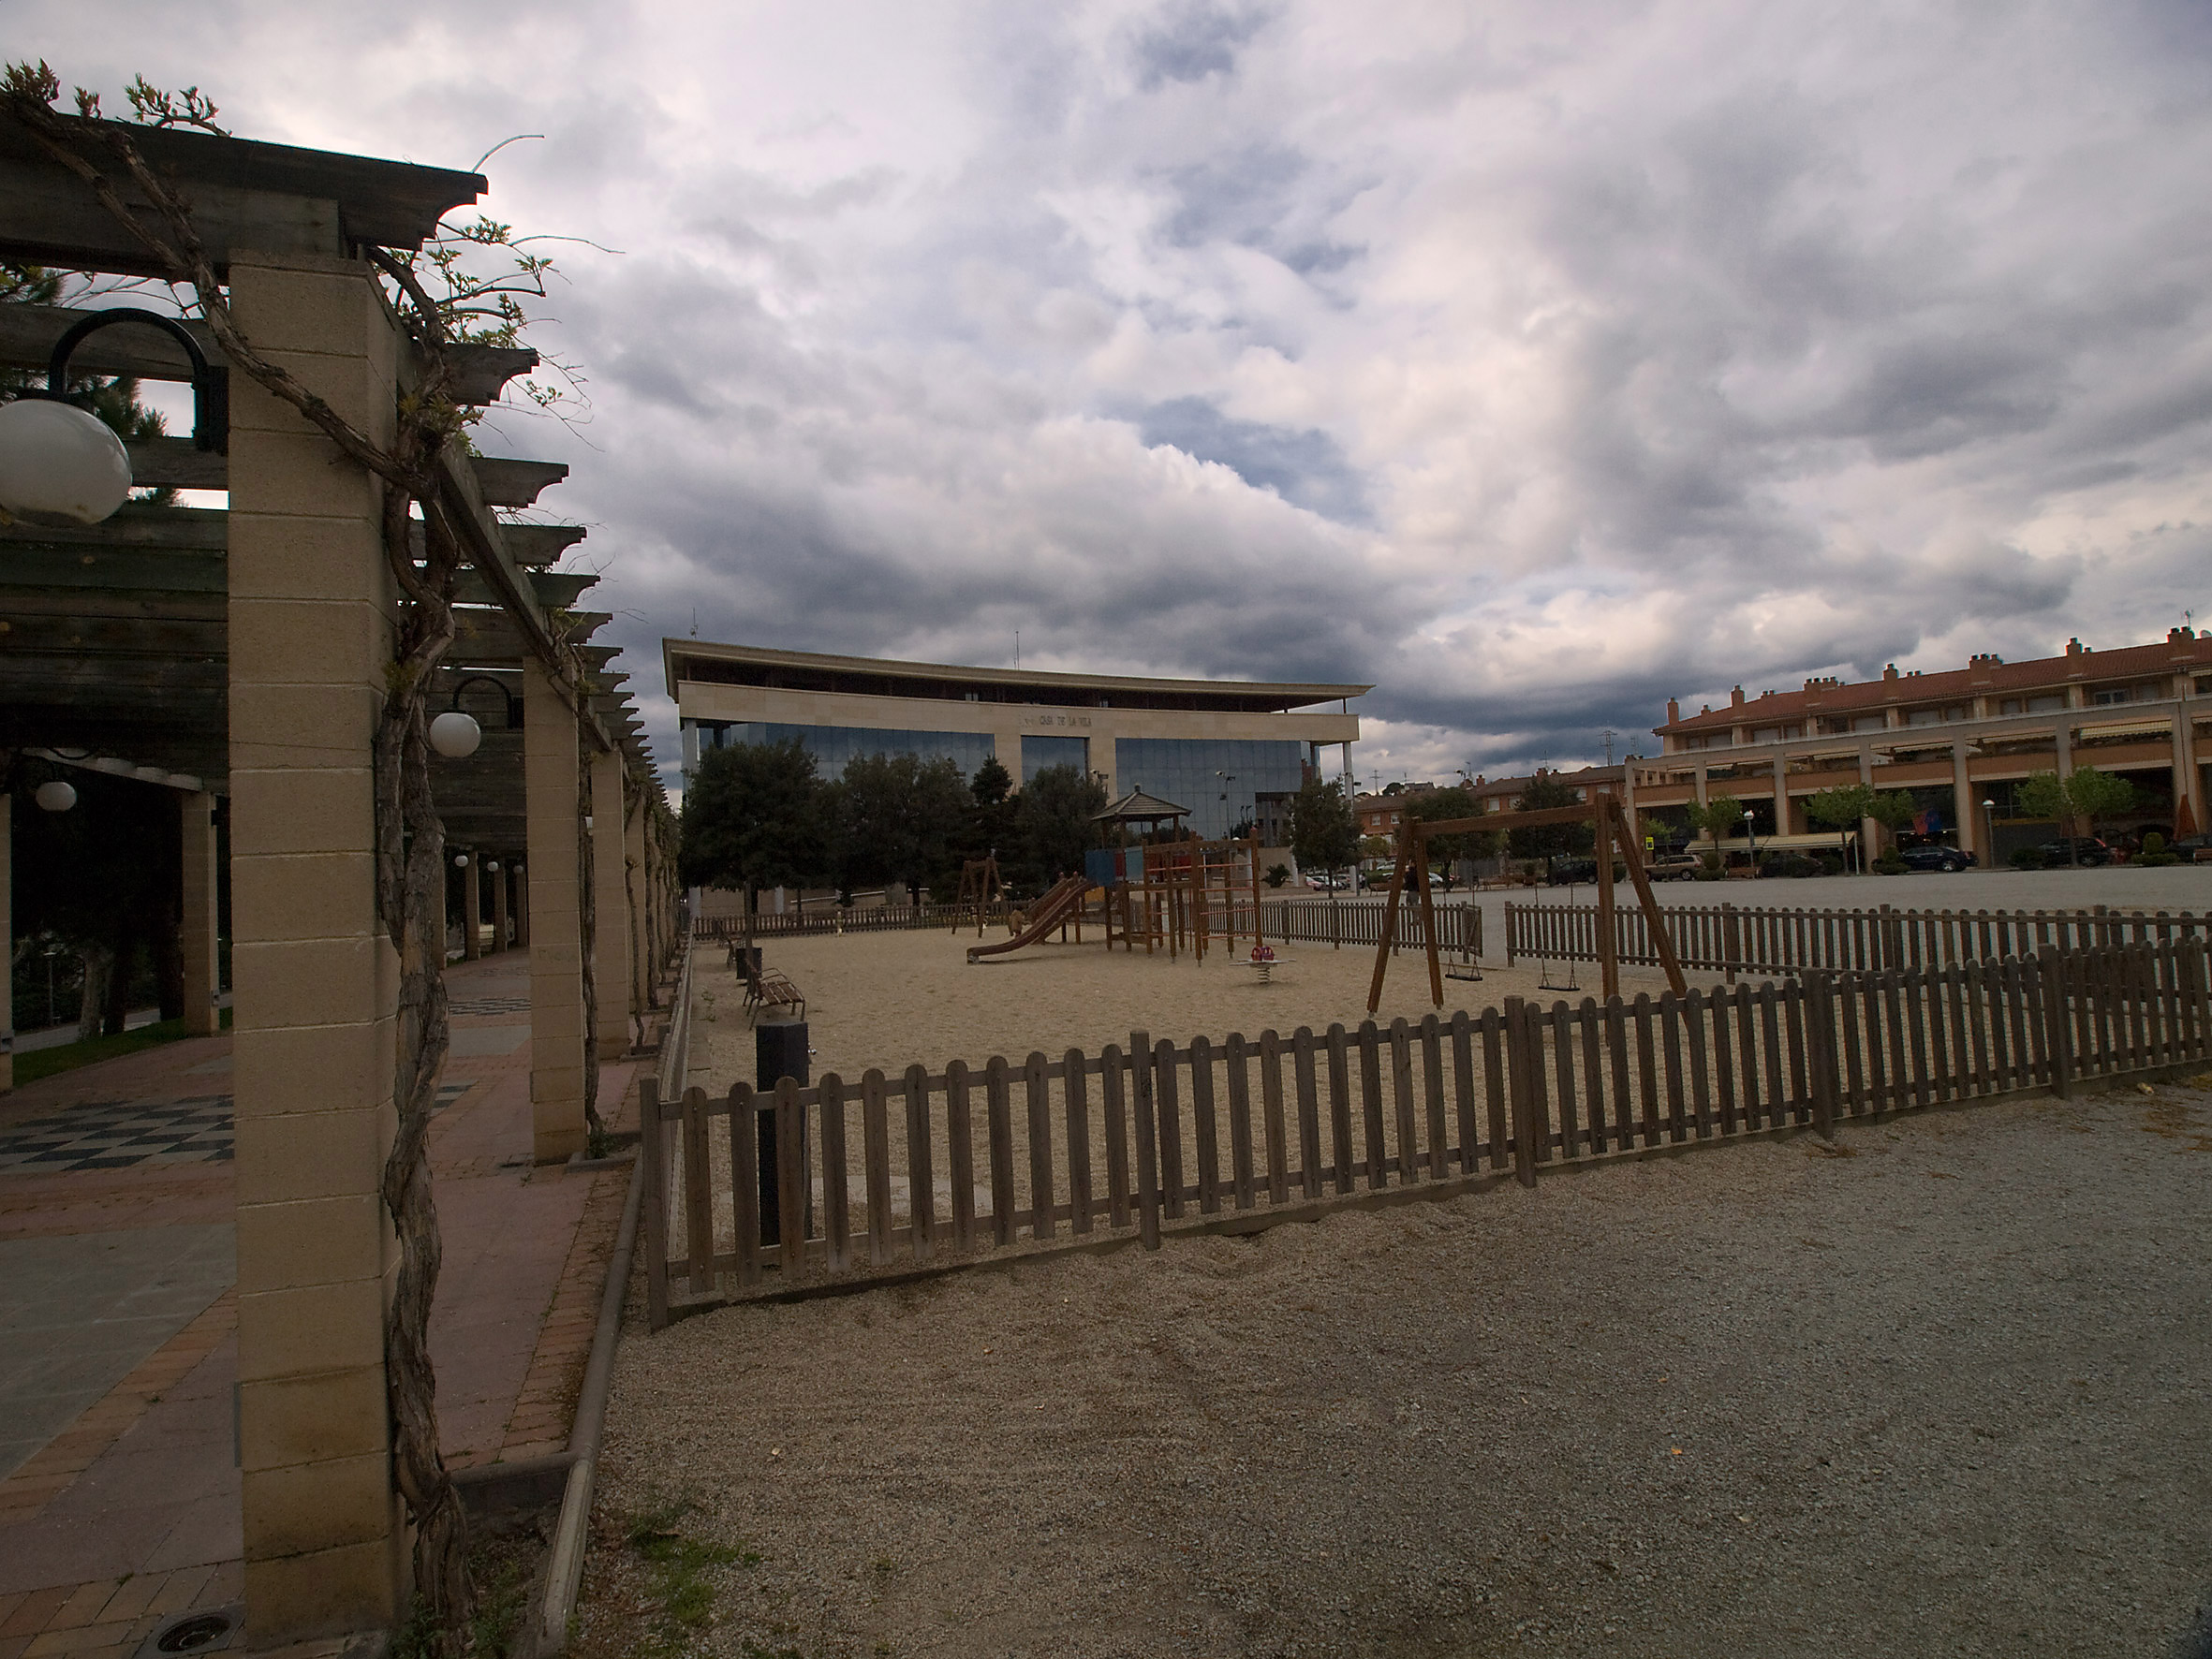 Lli de vall wikiwand - Casas en llica de vall ...